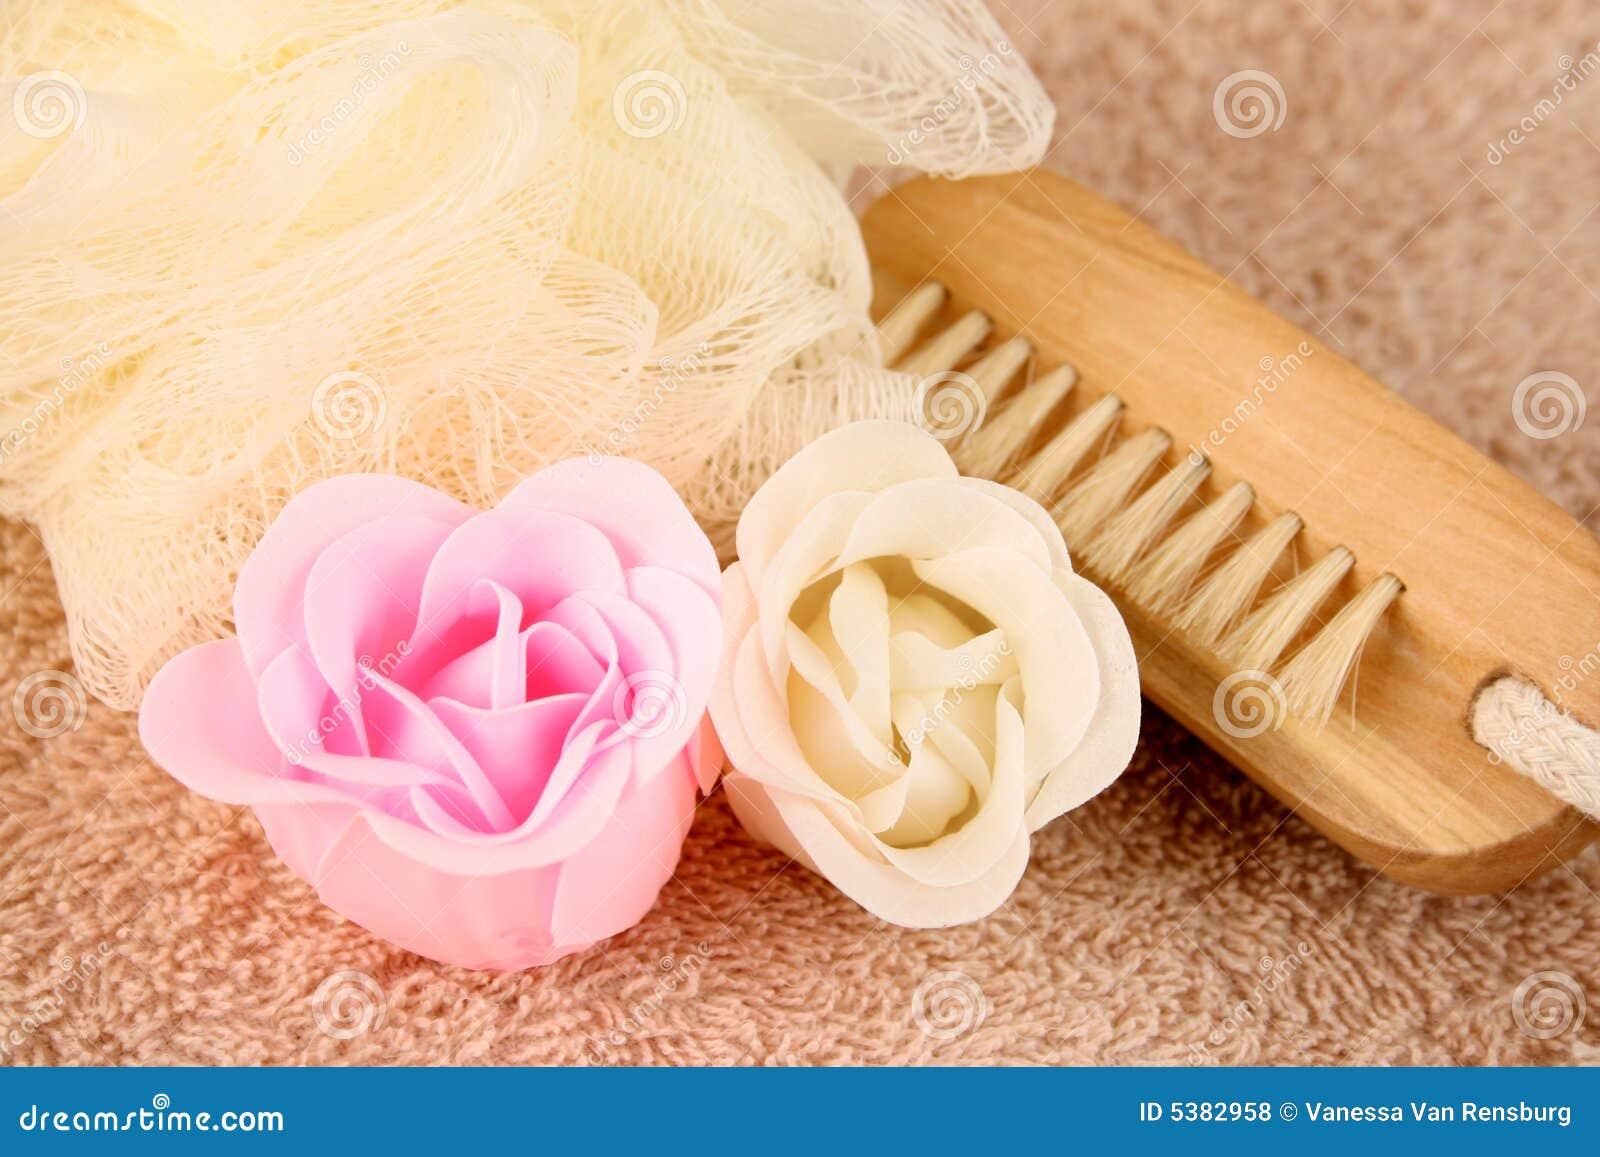 Seifen-Blumen